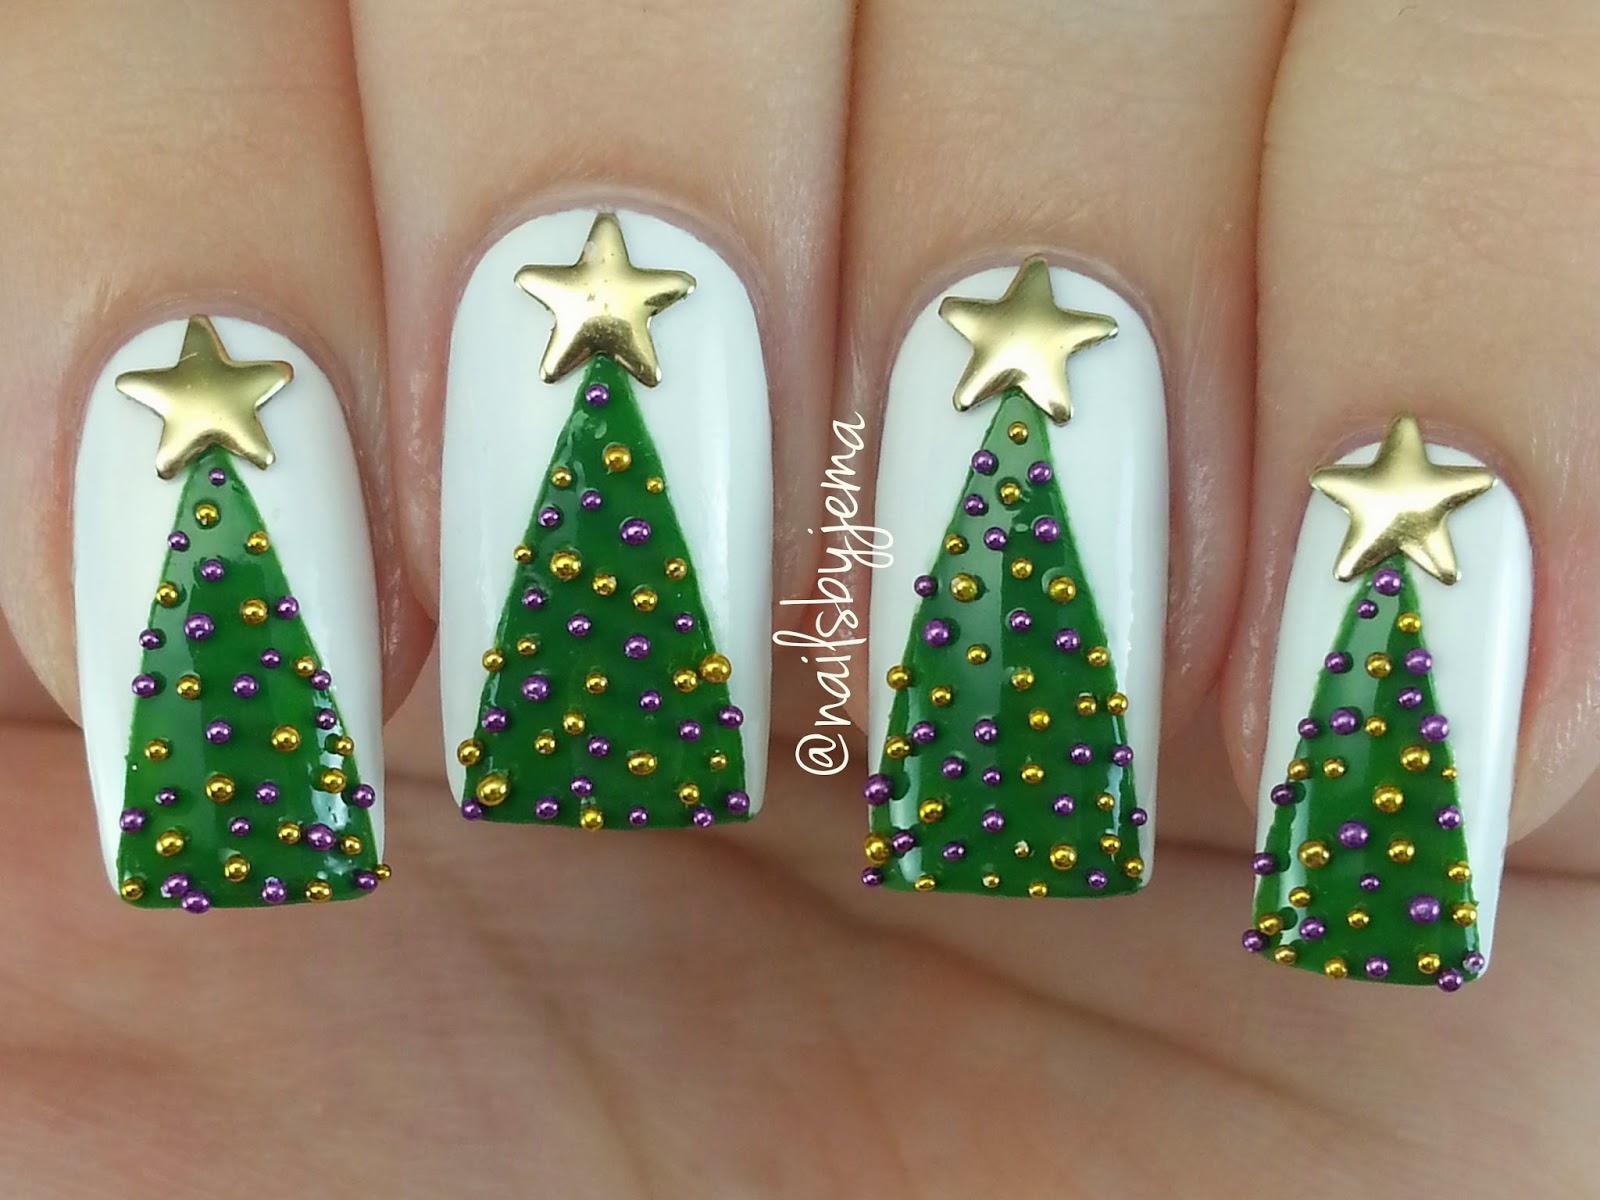 3d Nail Art Christmas Trees From: N A I L S B Y J E M A: 3D Christmas Tree Nails & Video